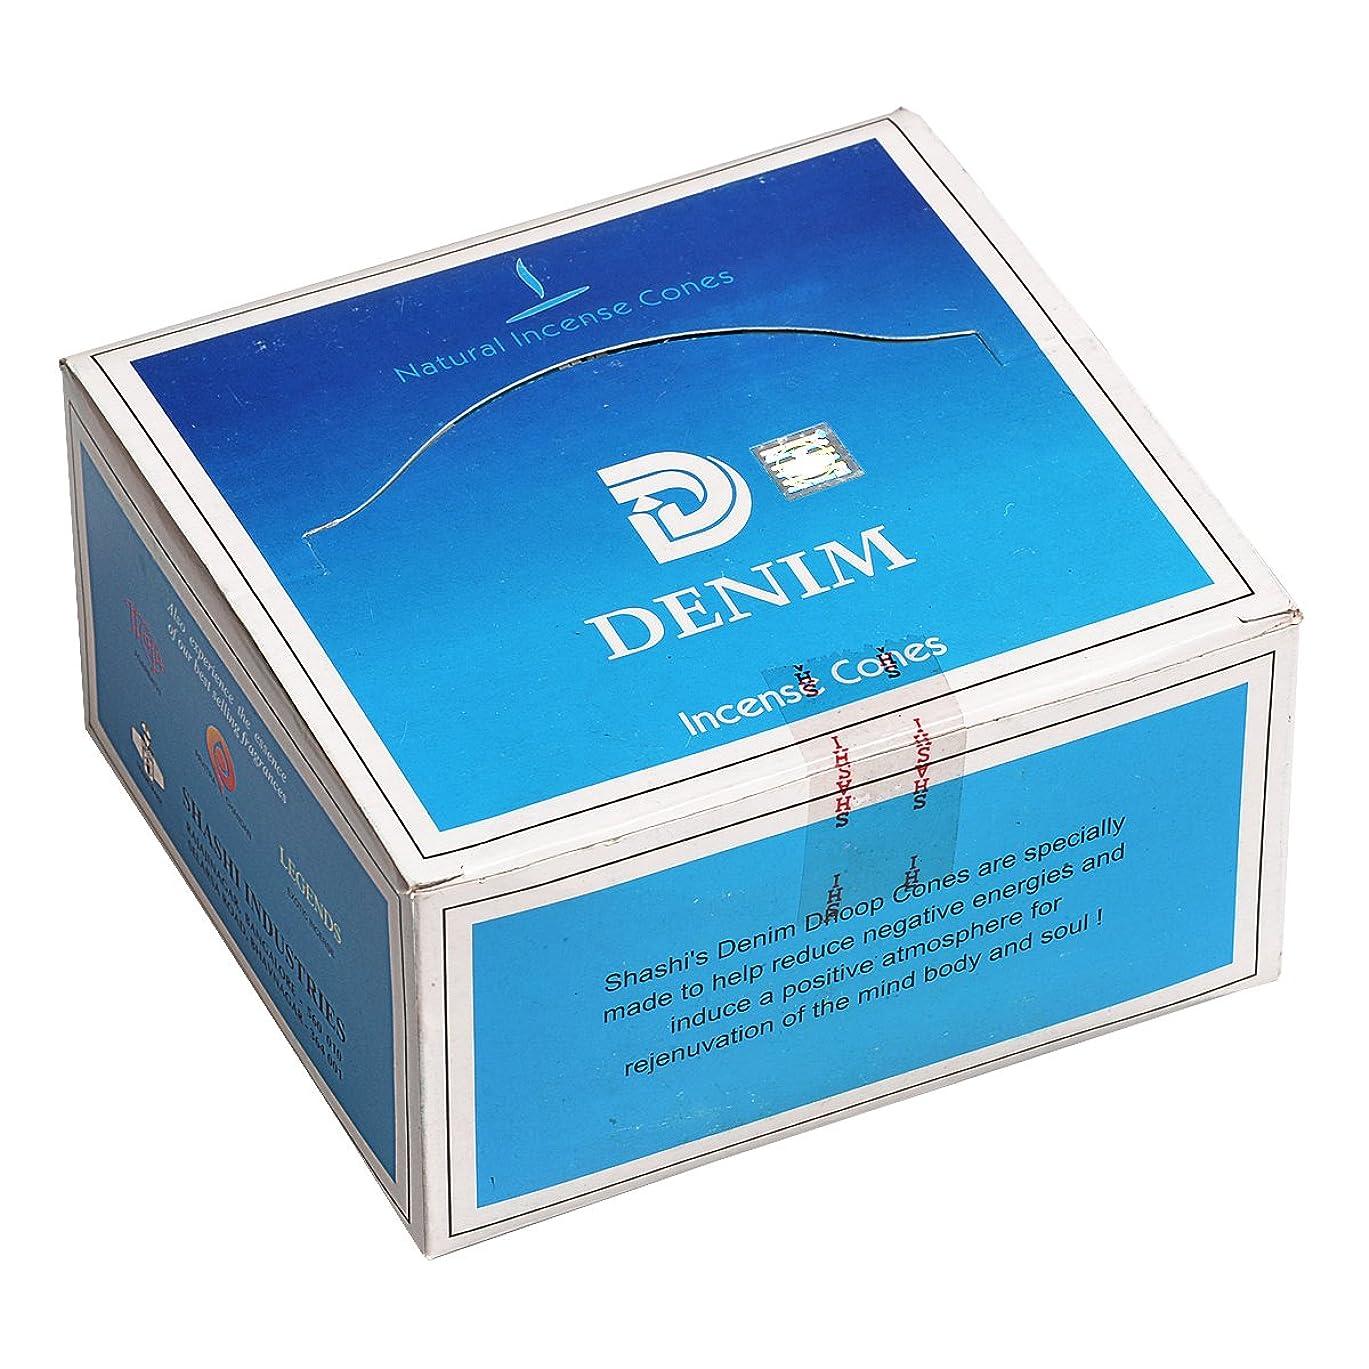 ジュース非効率的な有効化SHASHI(シャシ) デニム DENIM コーンタイプ コーンタイプ お香 12箱 セット [並行輸入品]